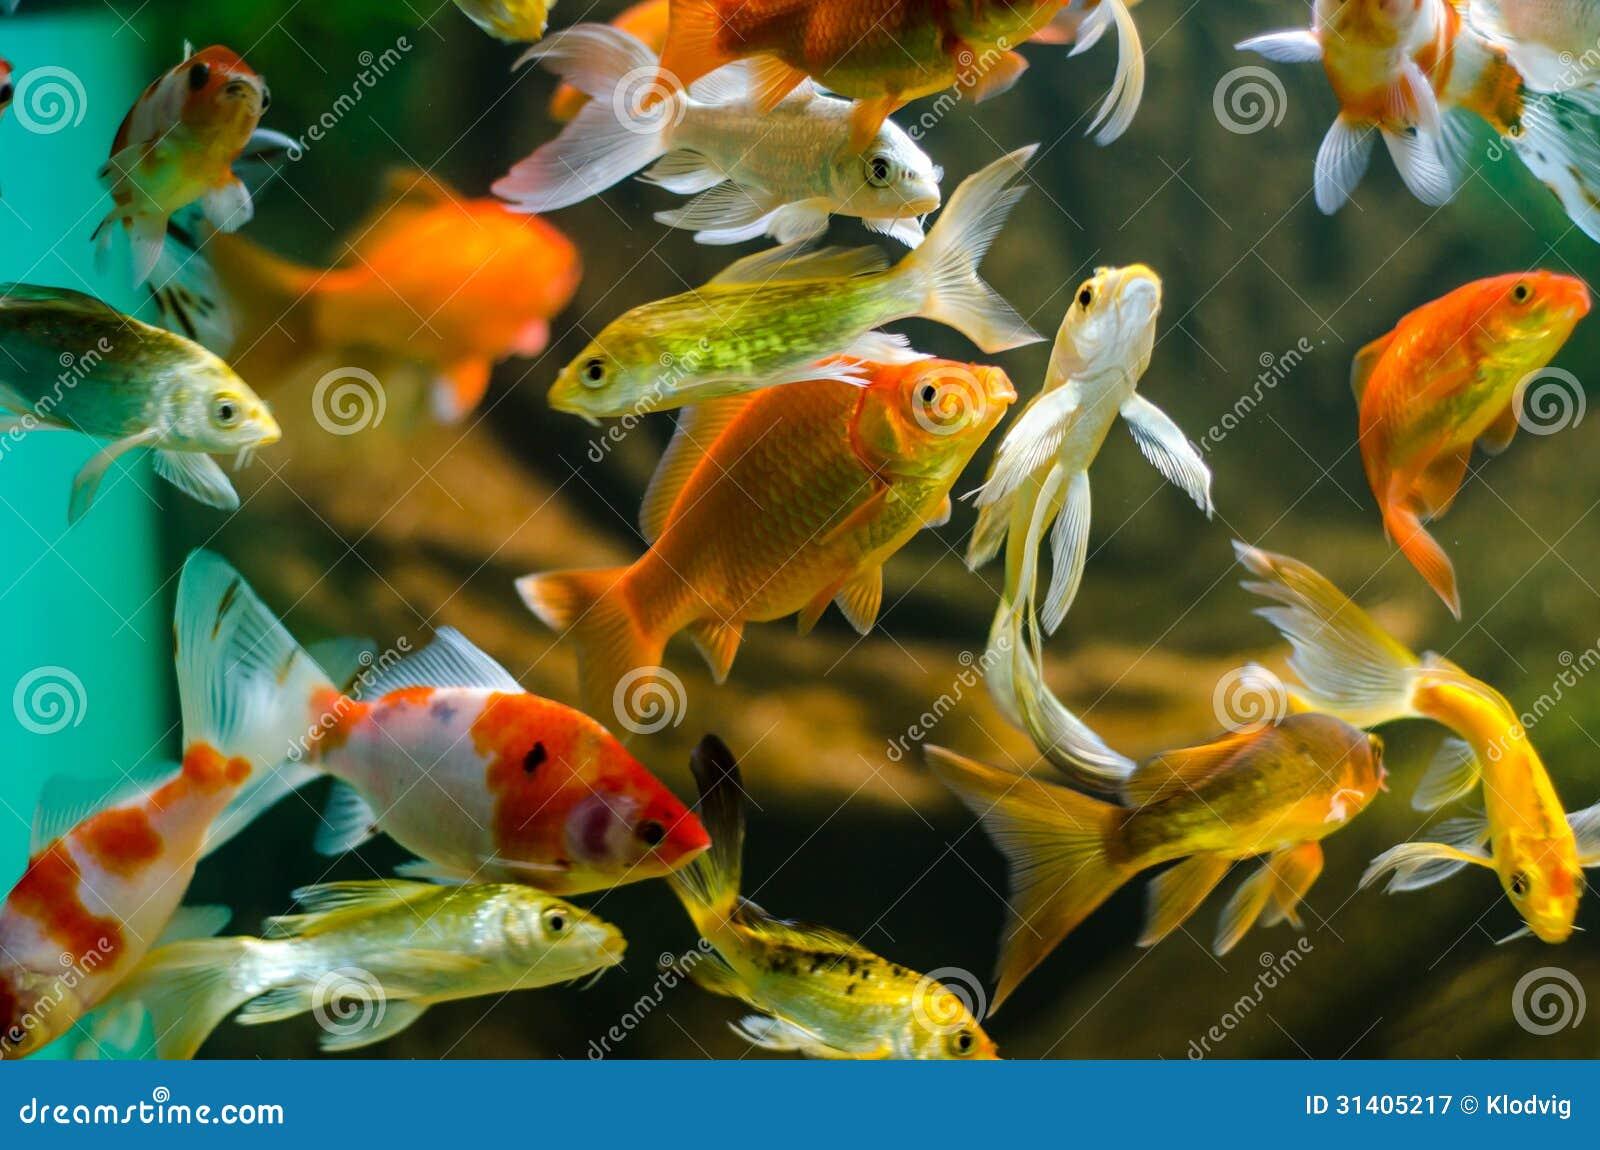 Koi und karpfen im aquarium stockbild bild 31405217 for Koi im aquarium